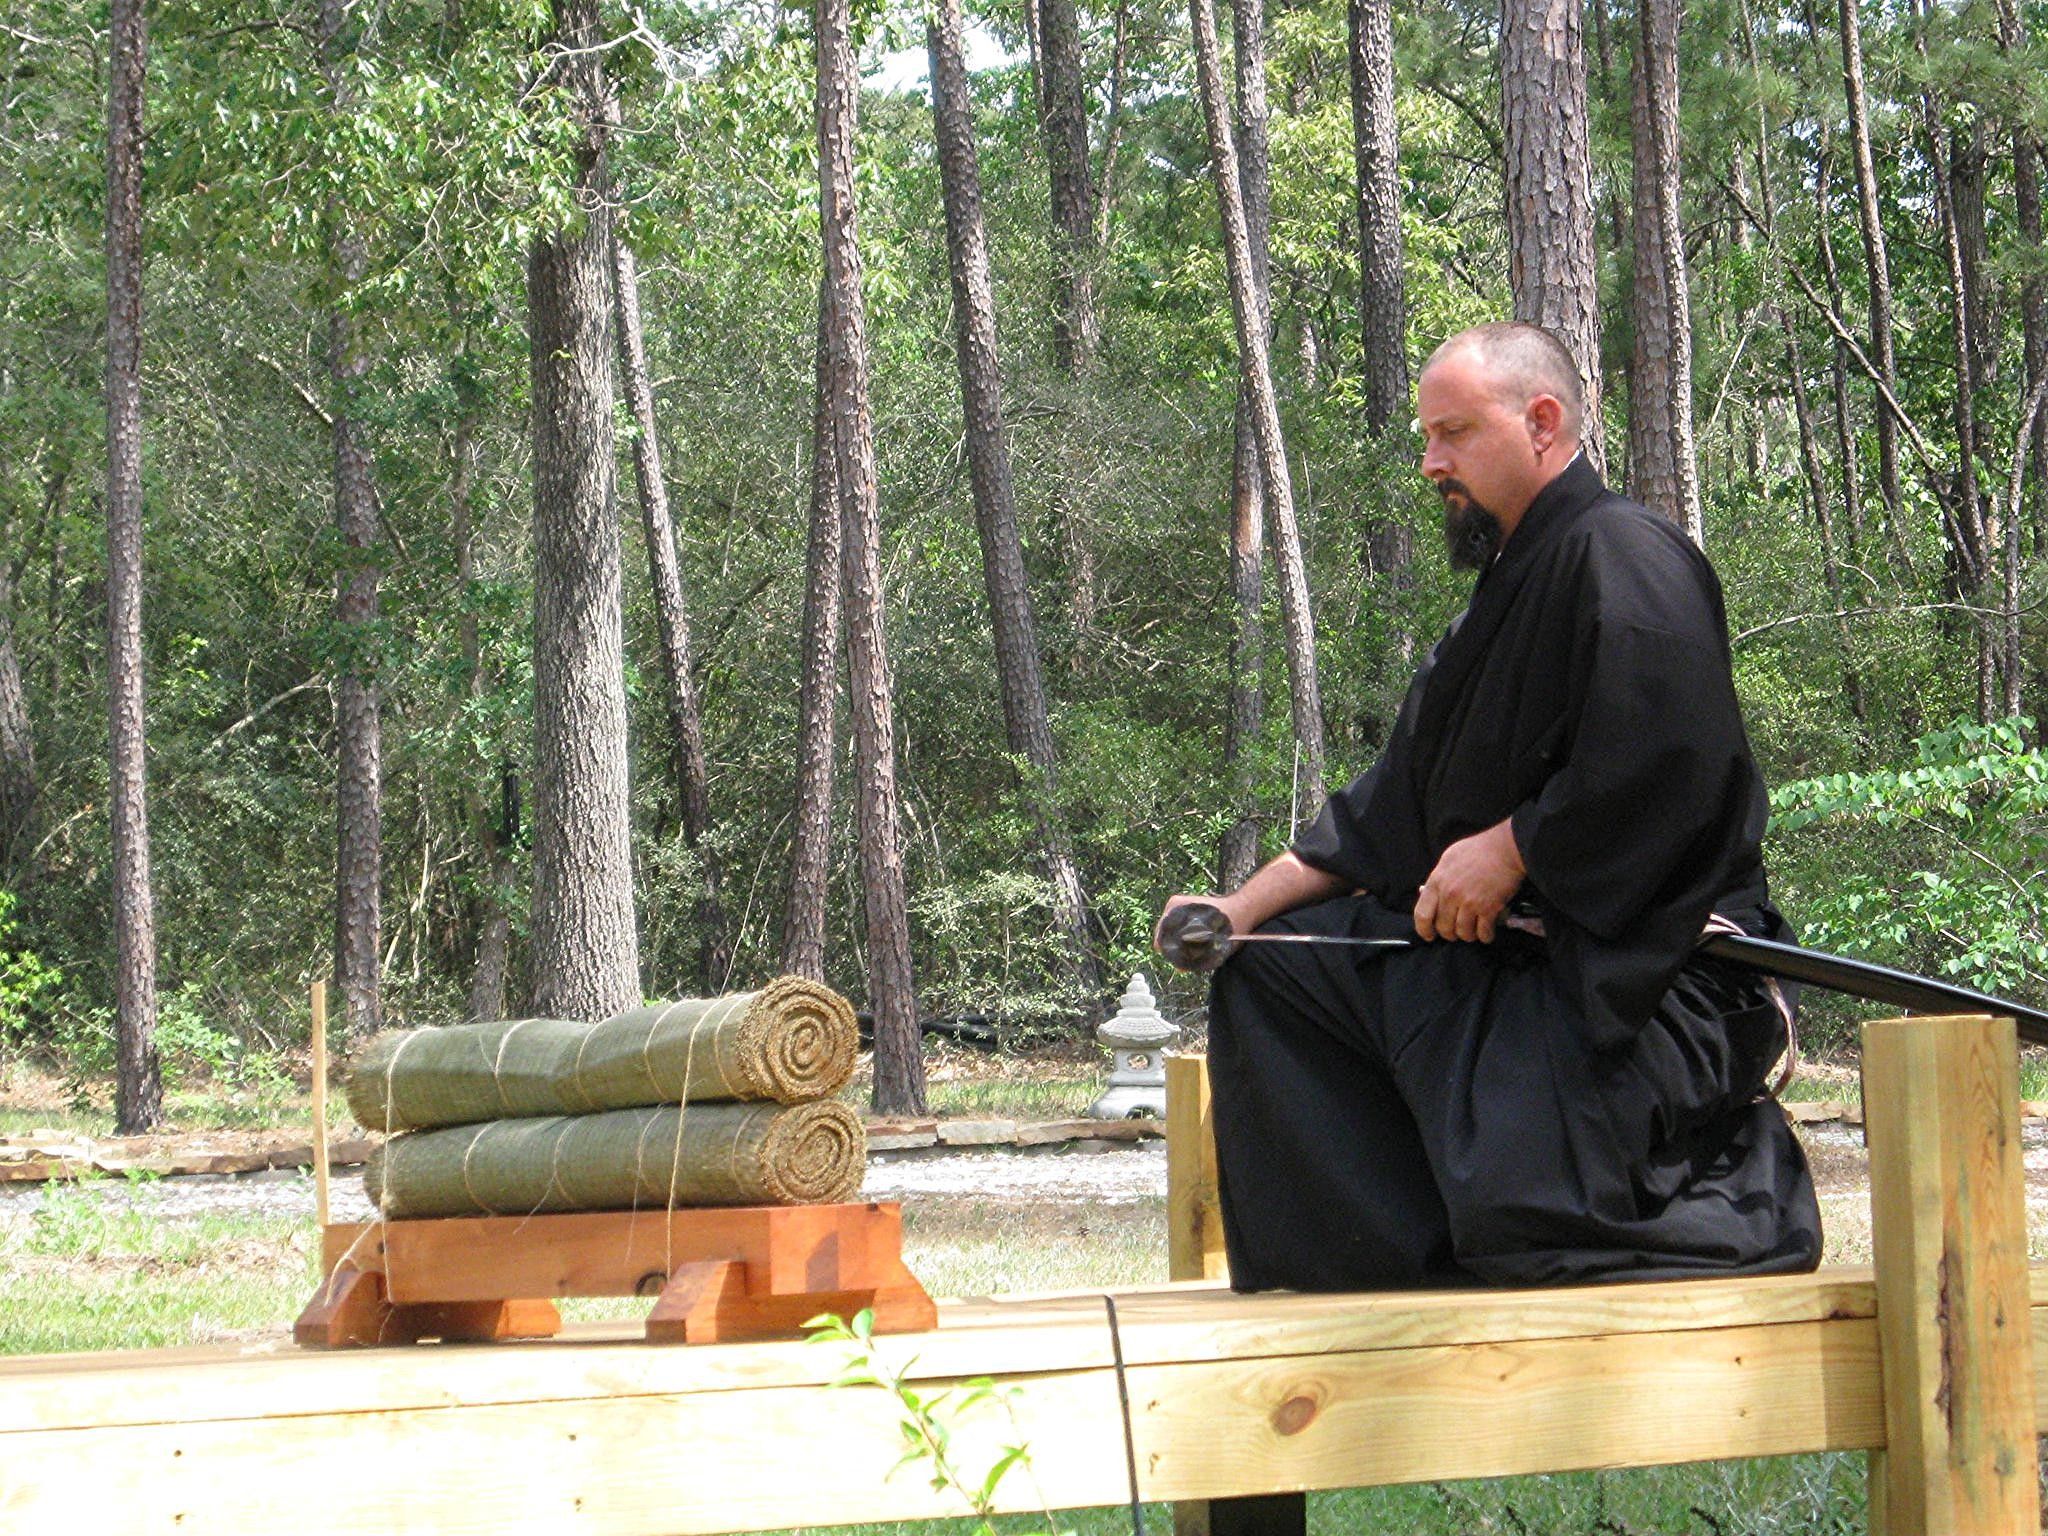 Sensei Dan Kuepp U.S. Remecho Shin Shin Kai